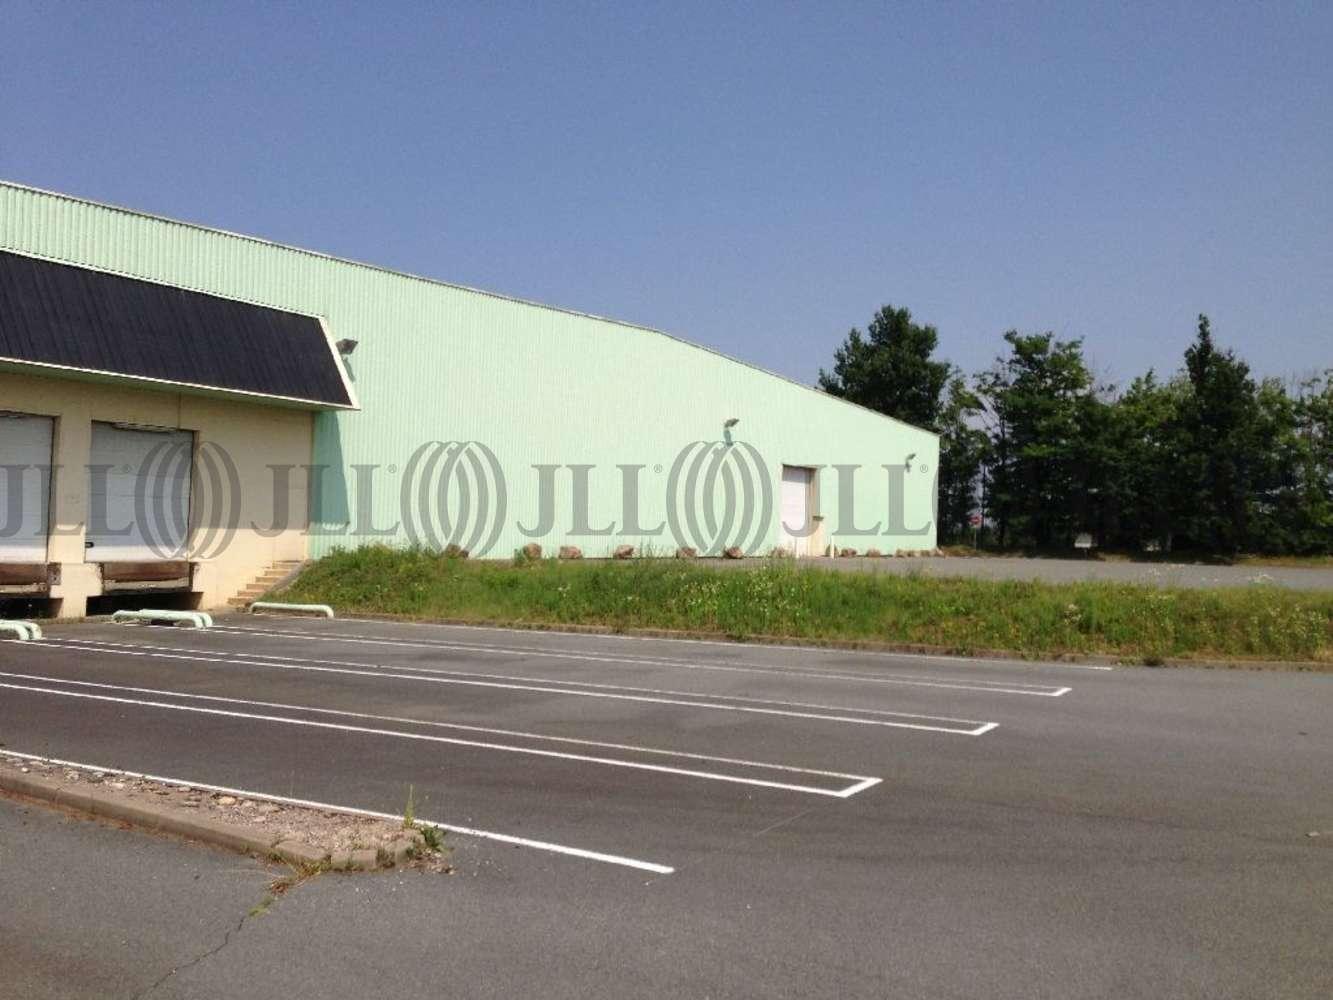 Activités/entrepôt Belleville, 69220 - Entrepôt à louer Lyon Nord - Rhône (69) - 10132933